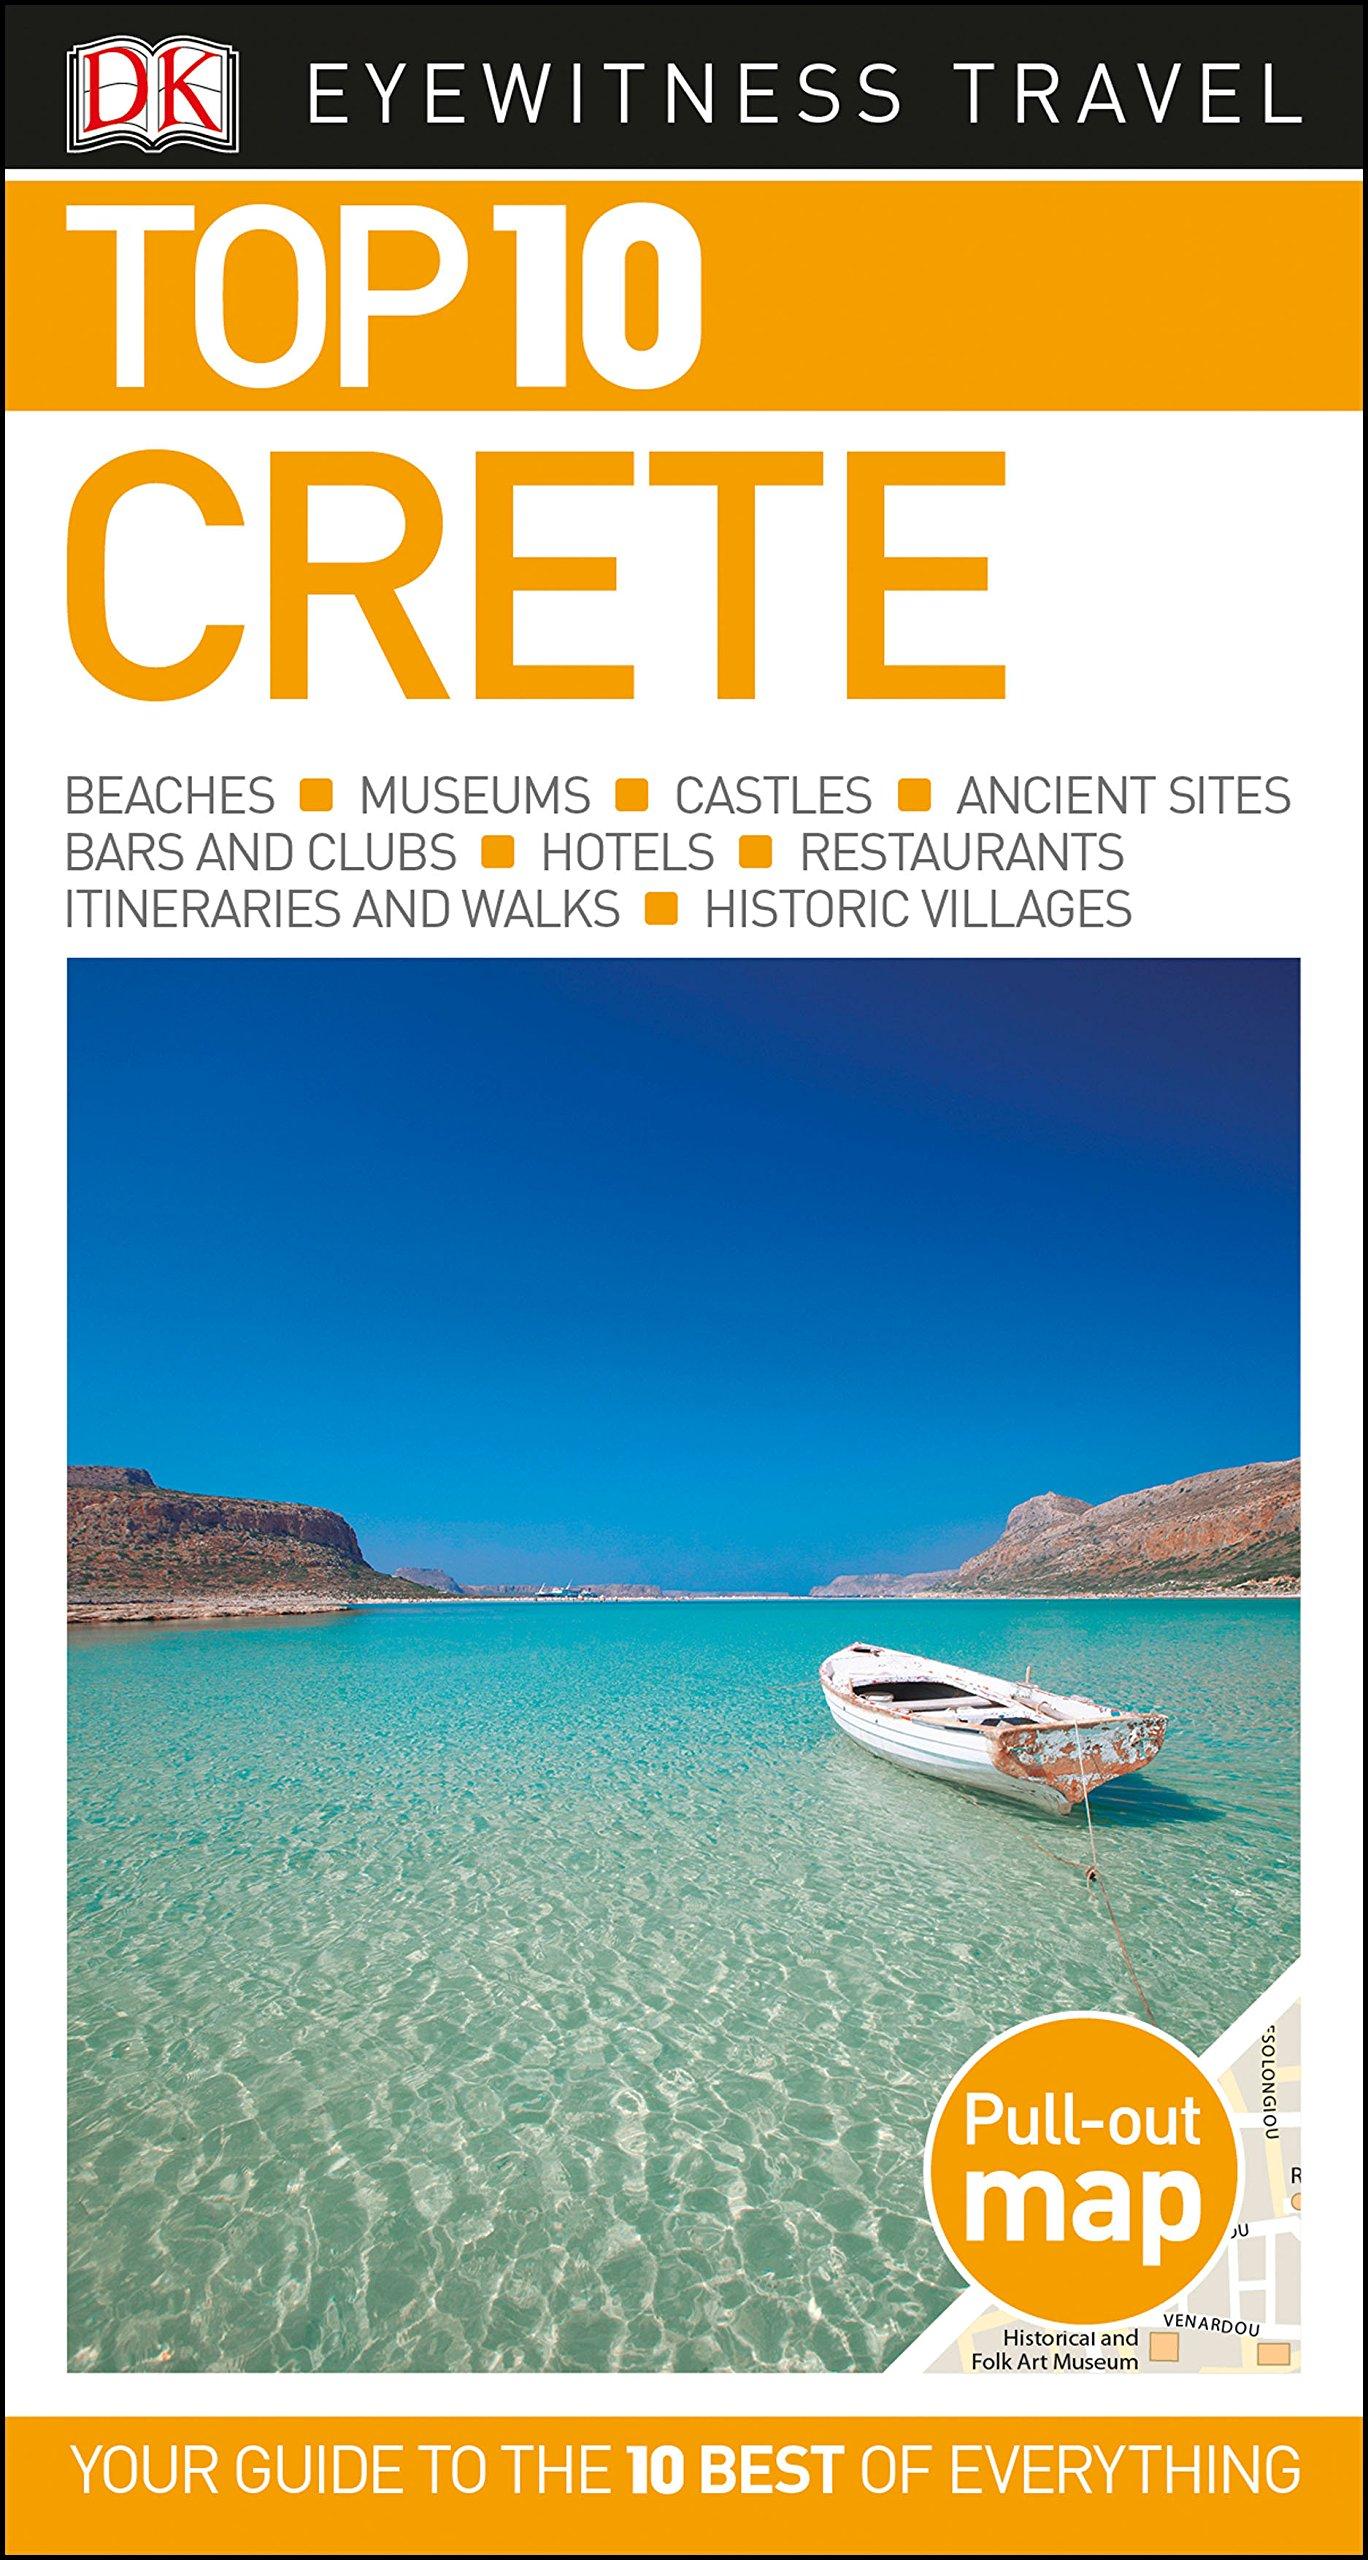 Top 10 Crete (Eyewitness Top 10 Travel Guide) by DK Eyewitness Travel